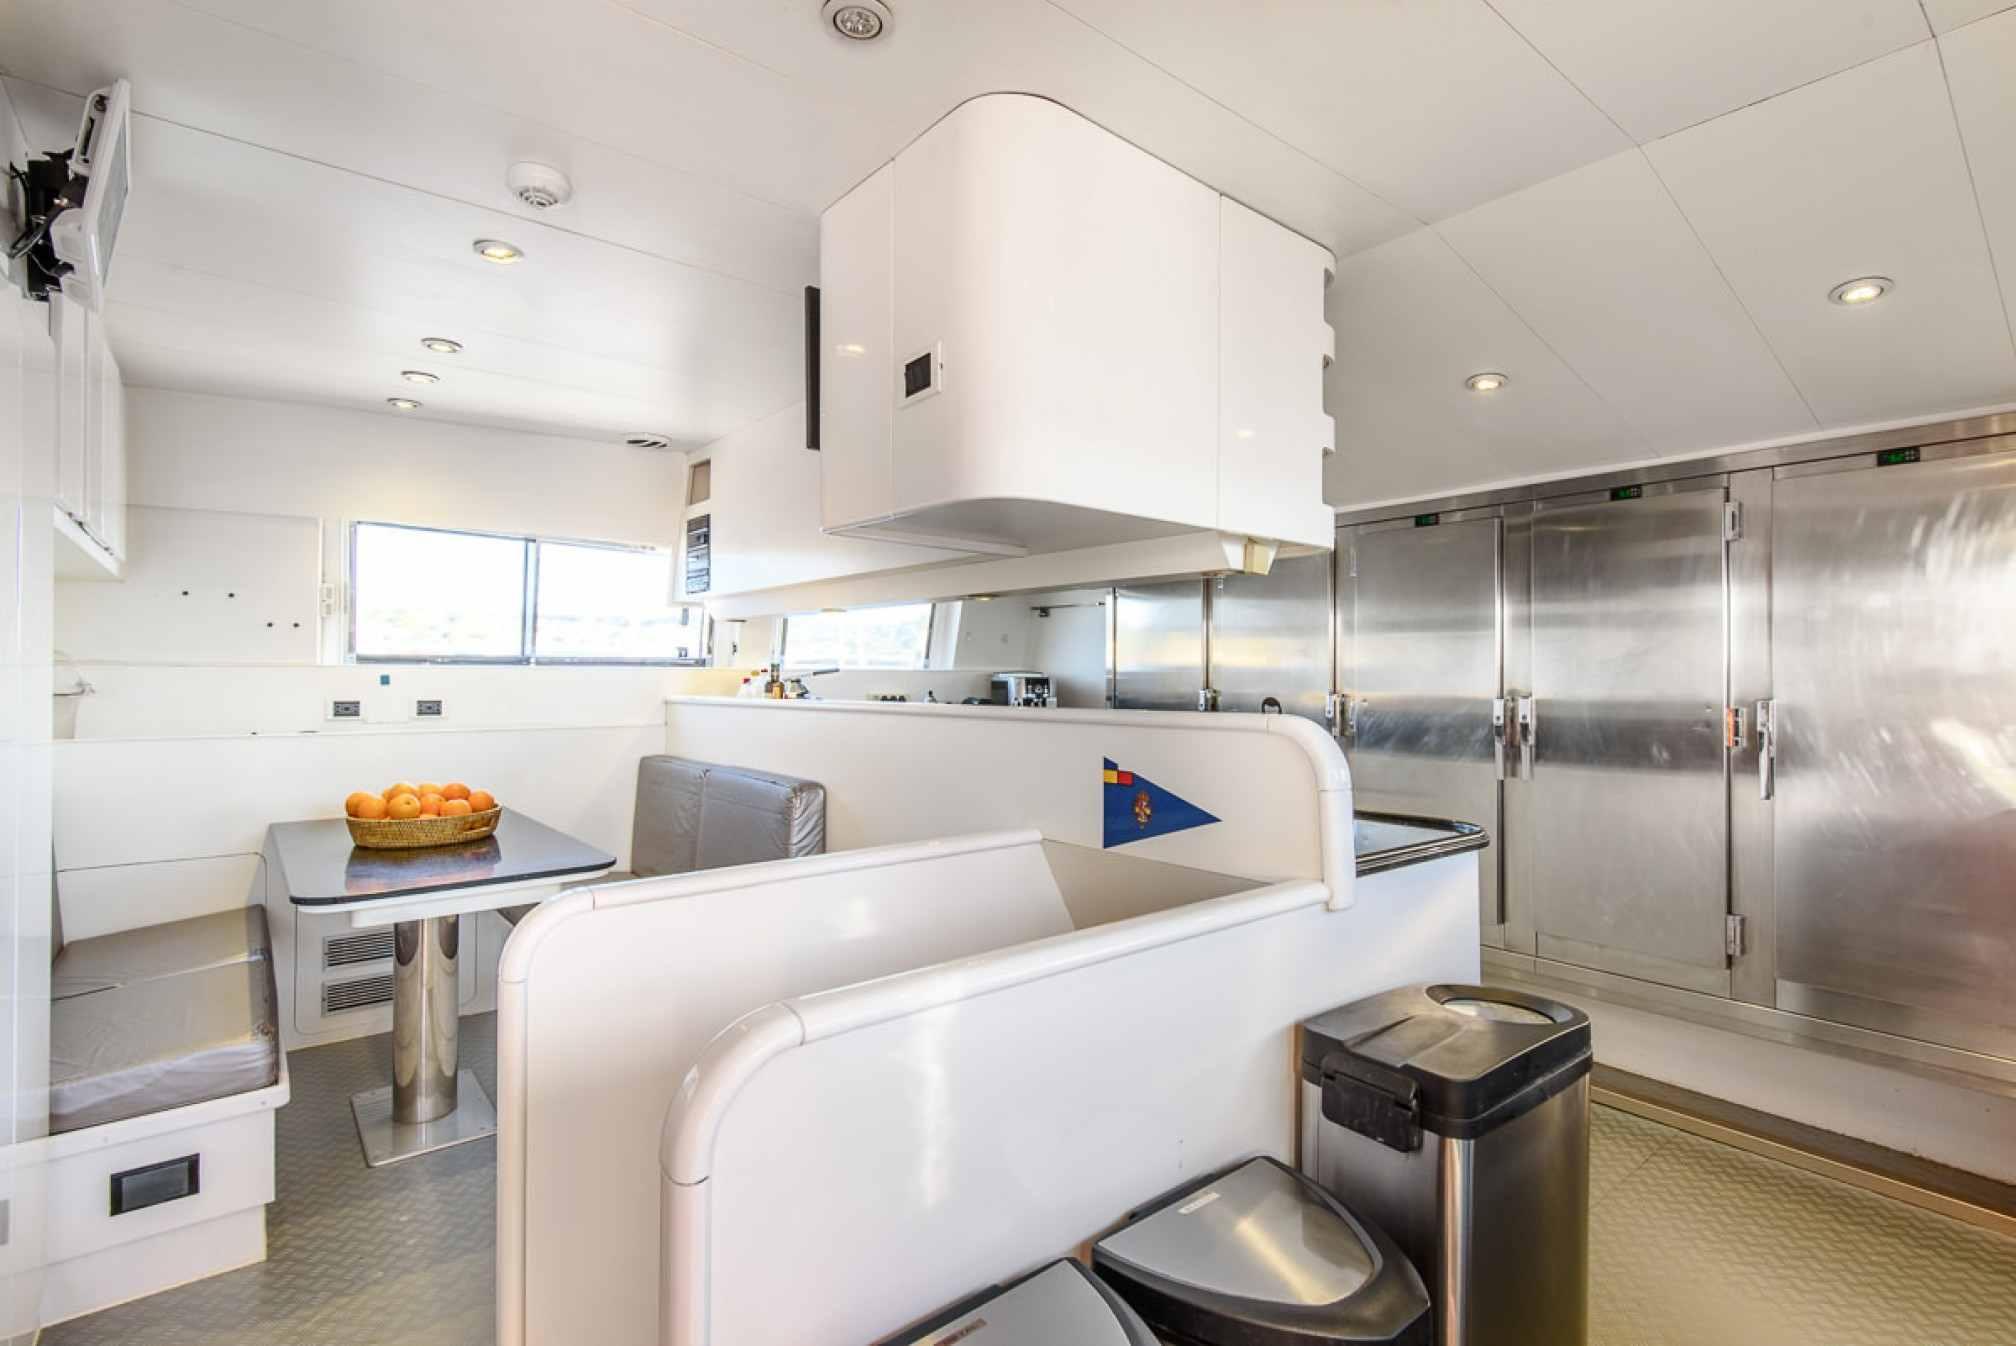 Rental yacht OCEAN GLASS kitchen